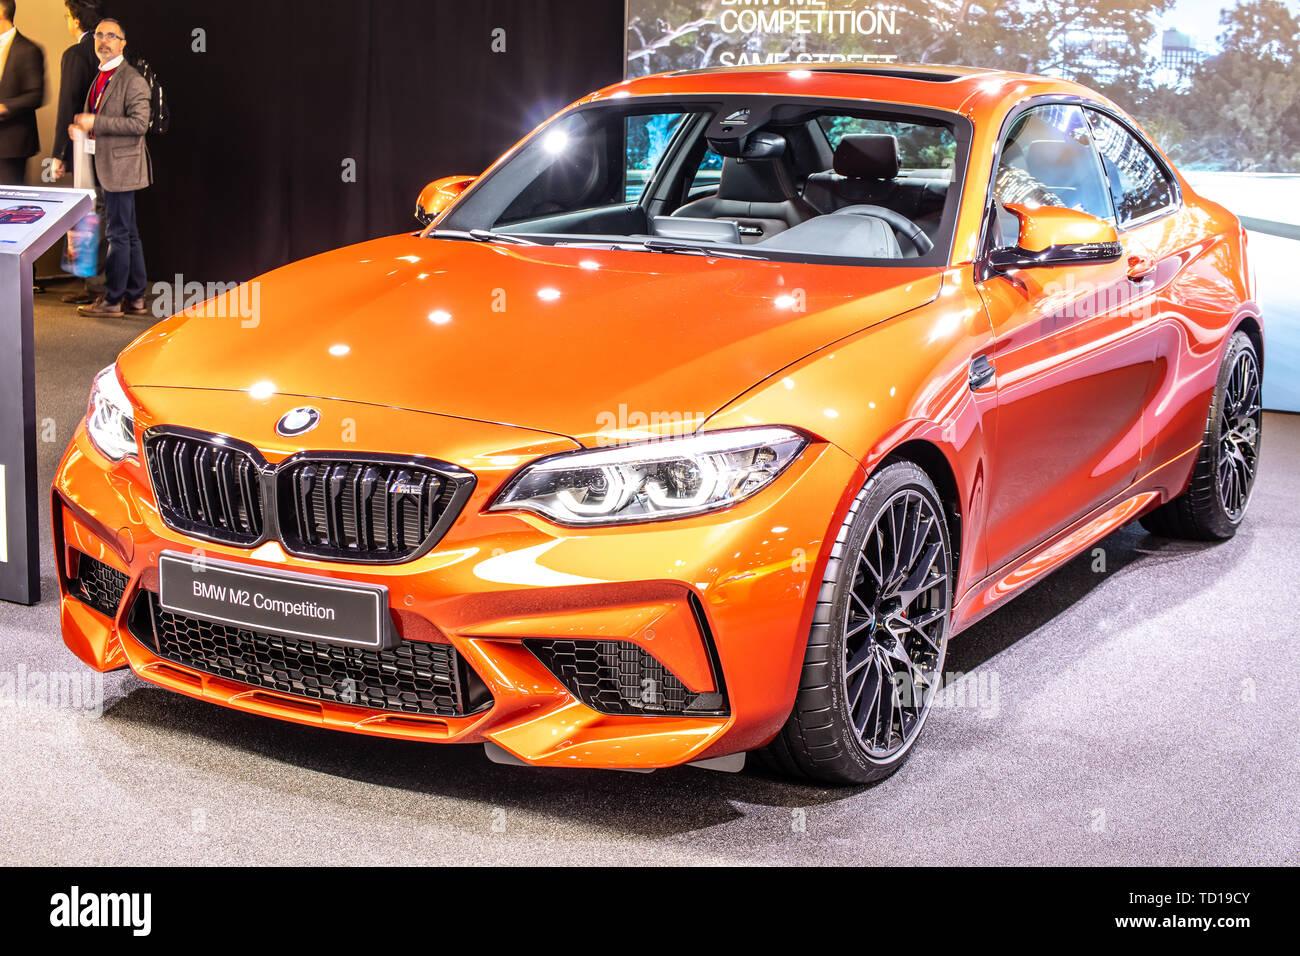 Genf Schweiz 05 März 2019 Metallic Orange Bmw M2 Coupé Konkurrenz Am Genfer Autosalon Hergestellt Und Vertrieben Von Bmw Stockfotografie Alamy